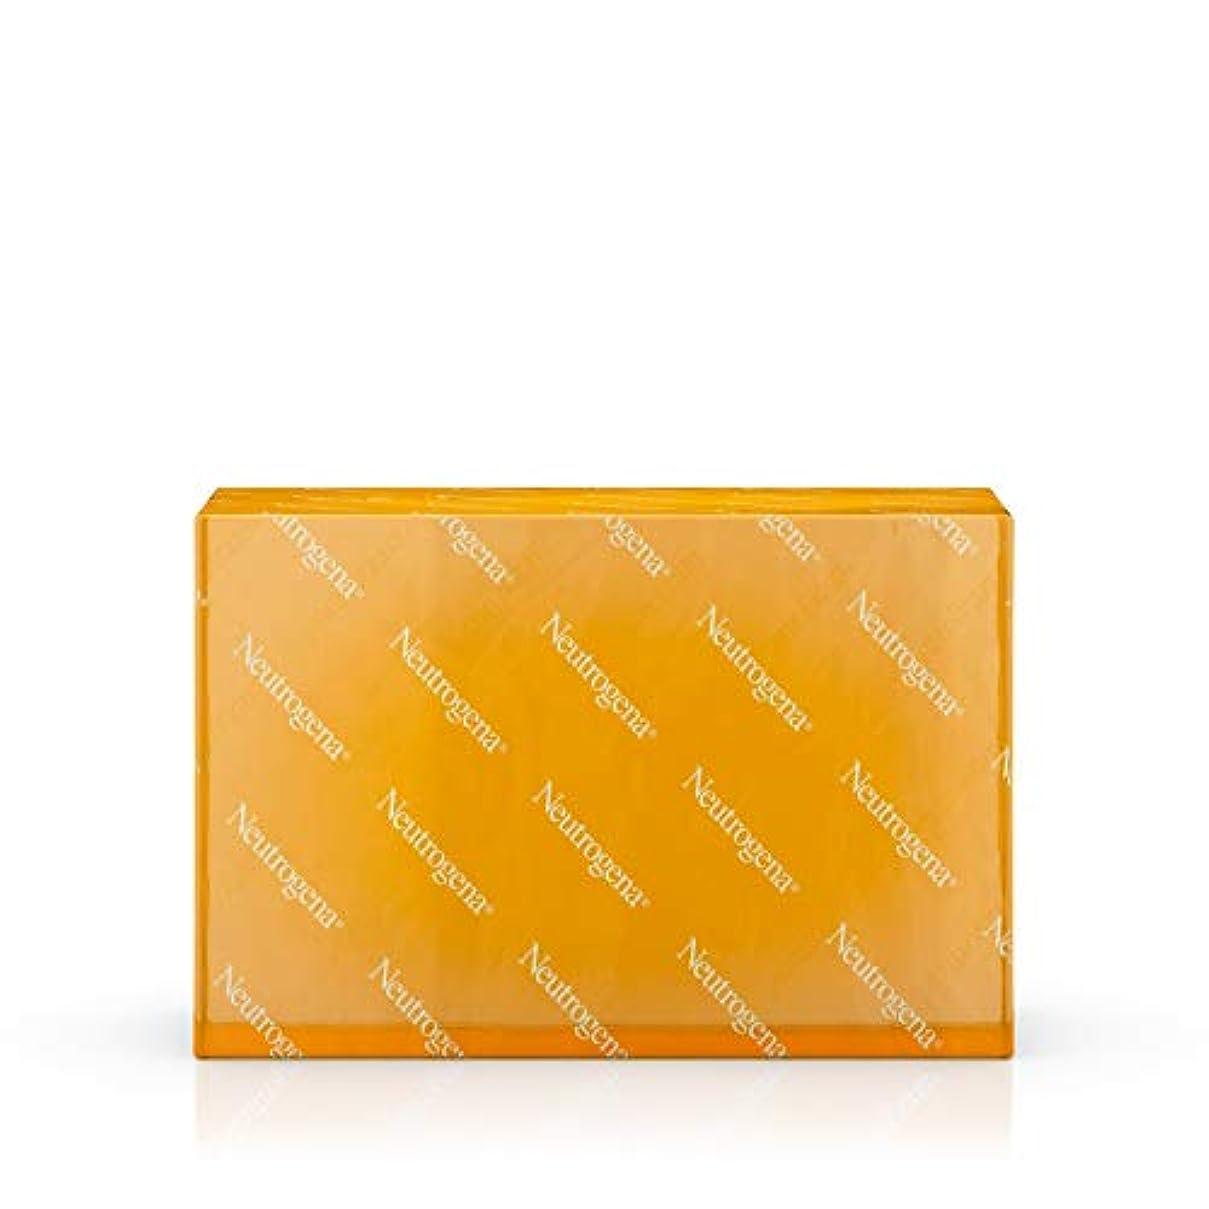 メカニック怠惰長々と海外直送品 Neutrogena Neutrogena Transparent Facial Bar Soap Fragrance Free, Fragrance Free 3.5 oz